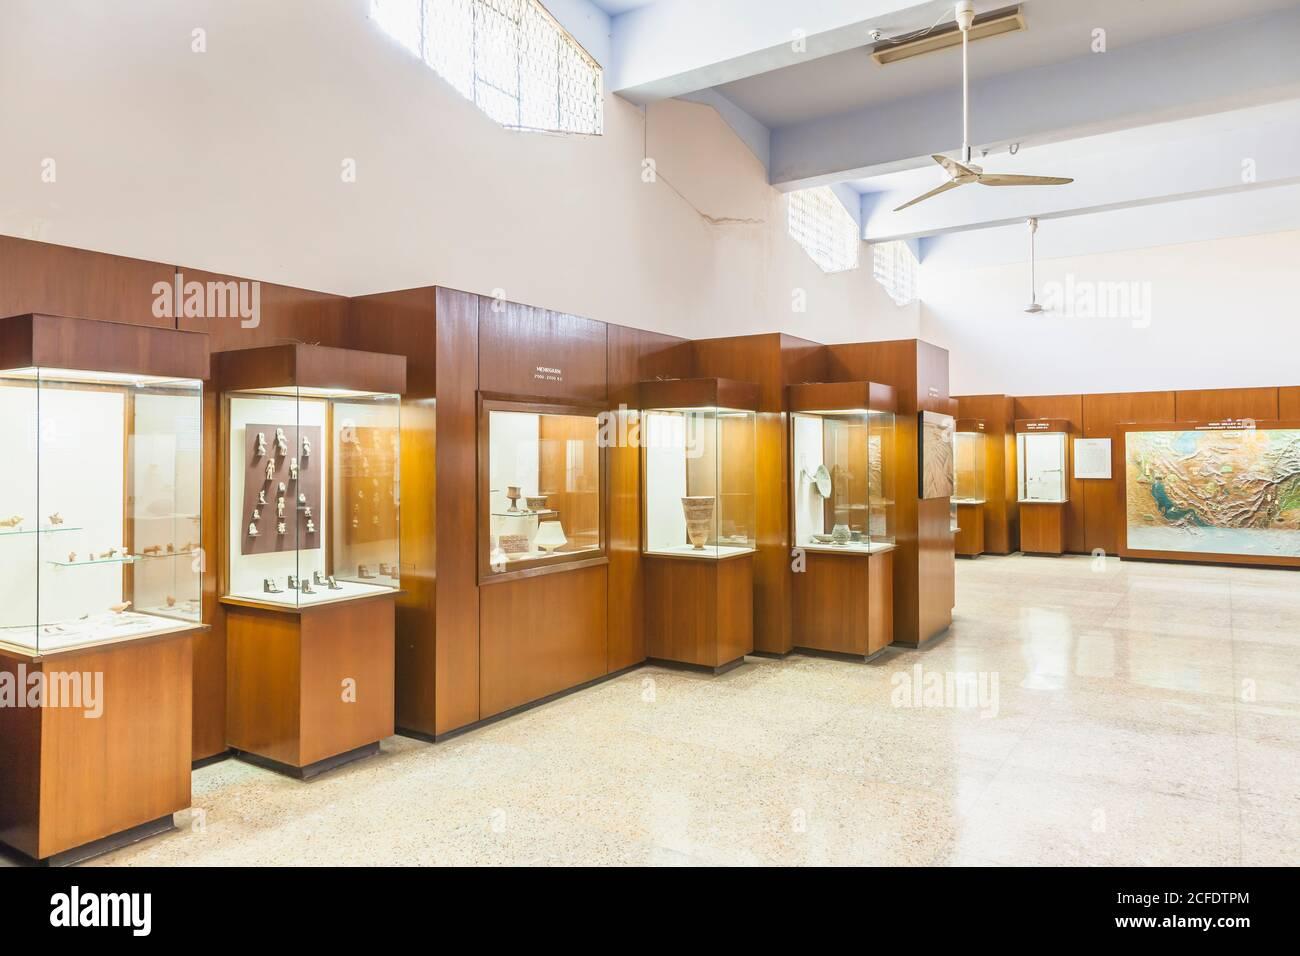 Galería prehistórica, interior del Museo Nacional de Pakistán, Karachi, Sindh, Pakistán, Asia del Sur, Asia Foto de stock